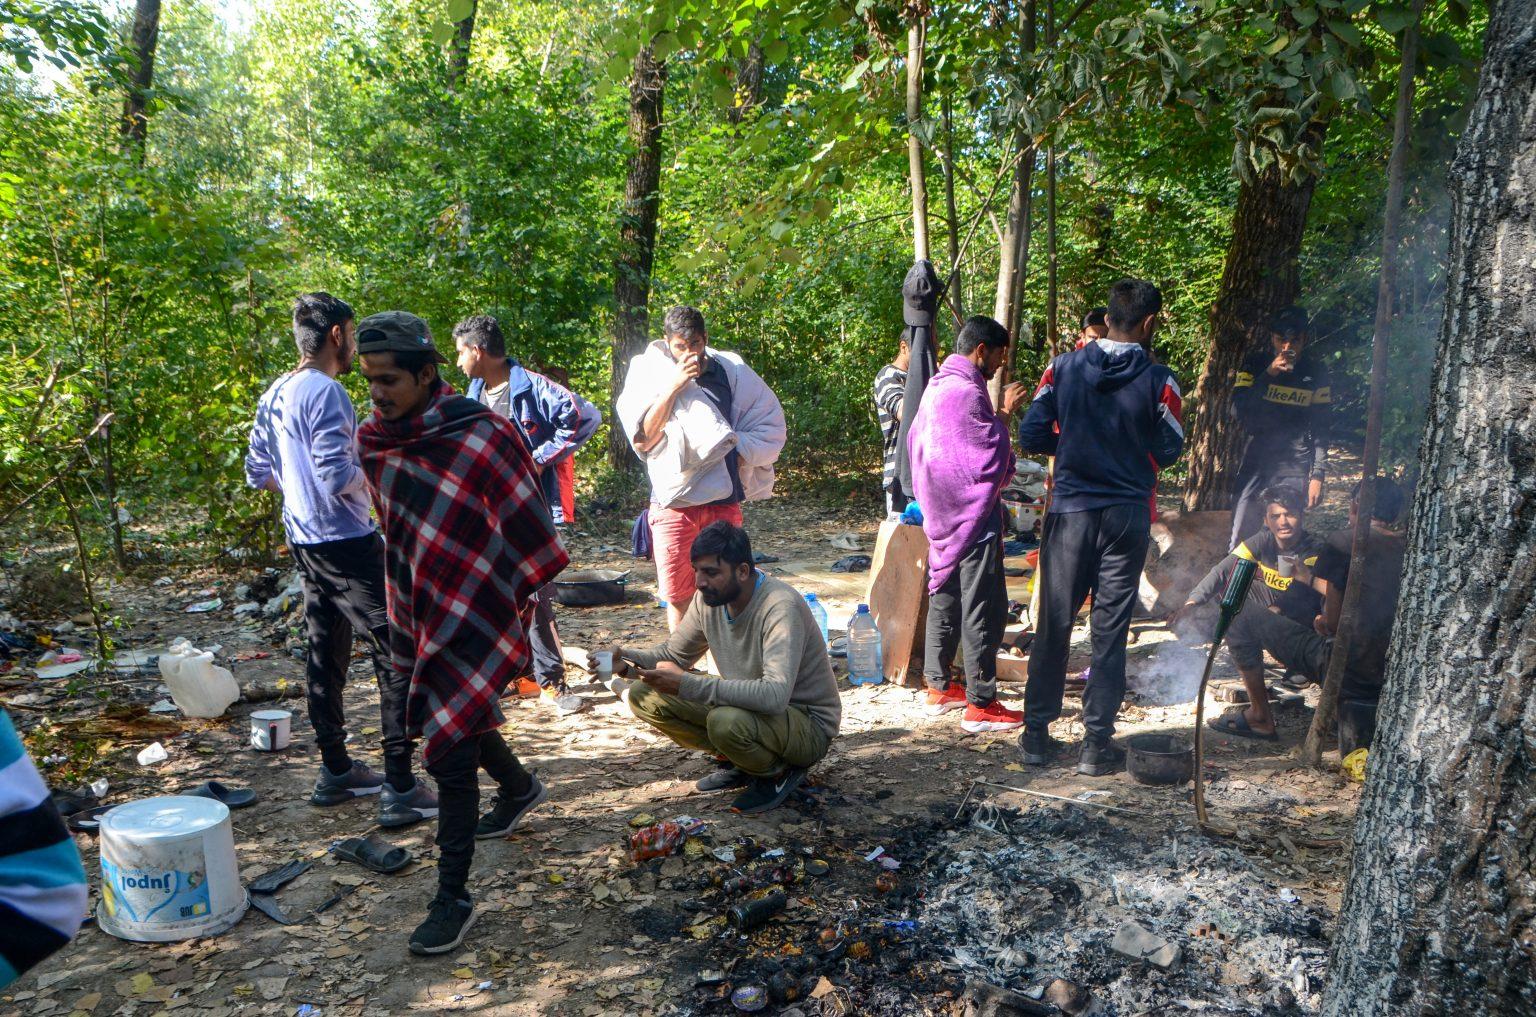 Izbjeglice i migranti žive u šumi u okolici Bihaća. Foto: Ajdin Kamber